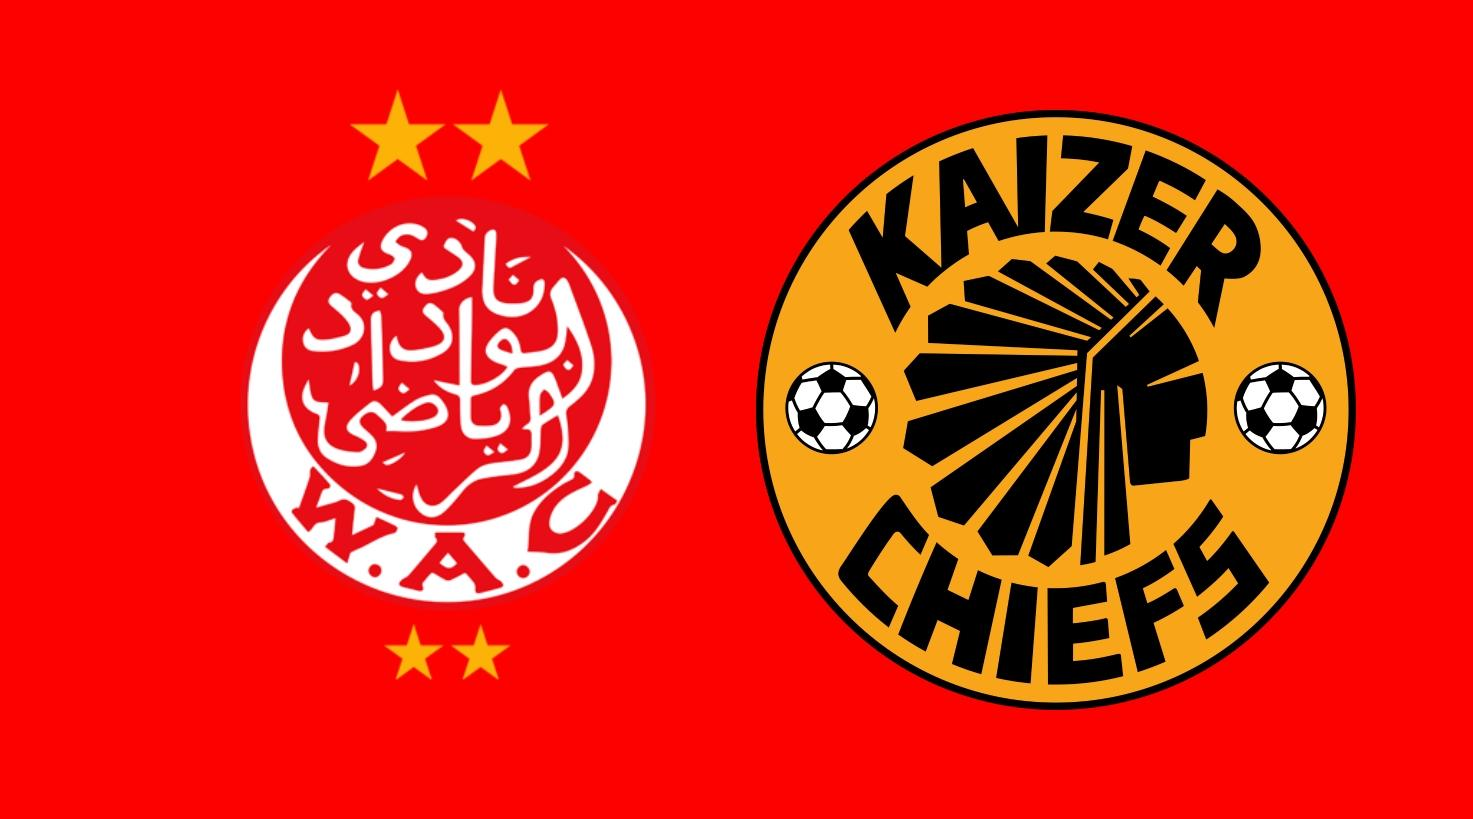 مباراة الوداد وكايزر شيفز الجنوب افريقي ستجرى في بوركينافاصو